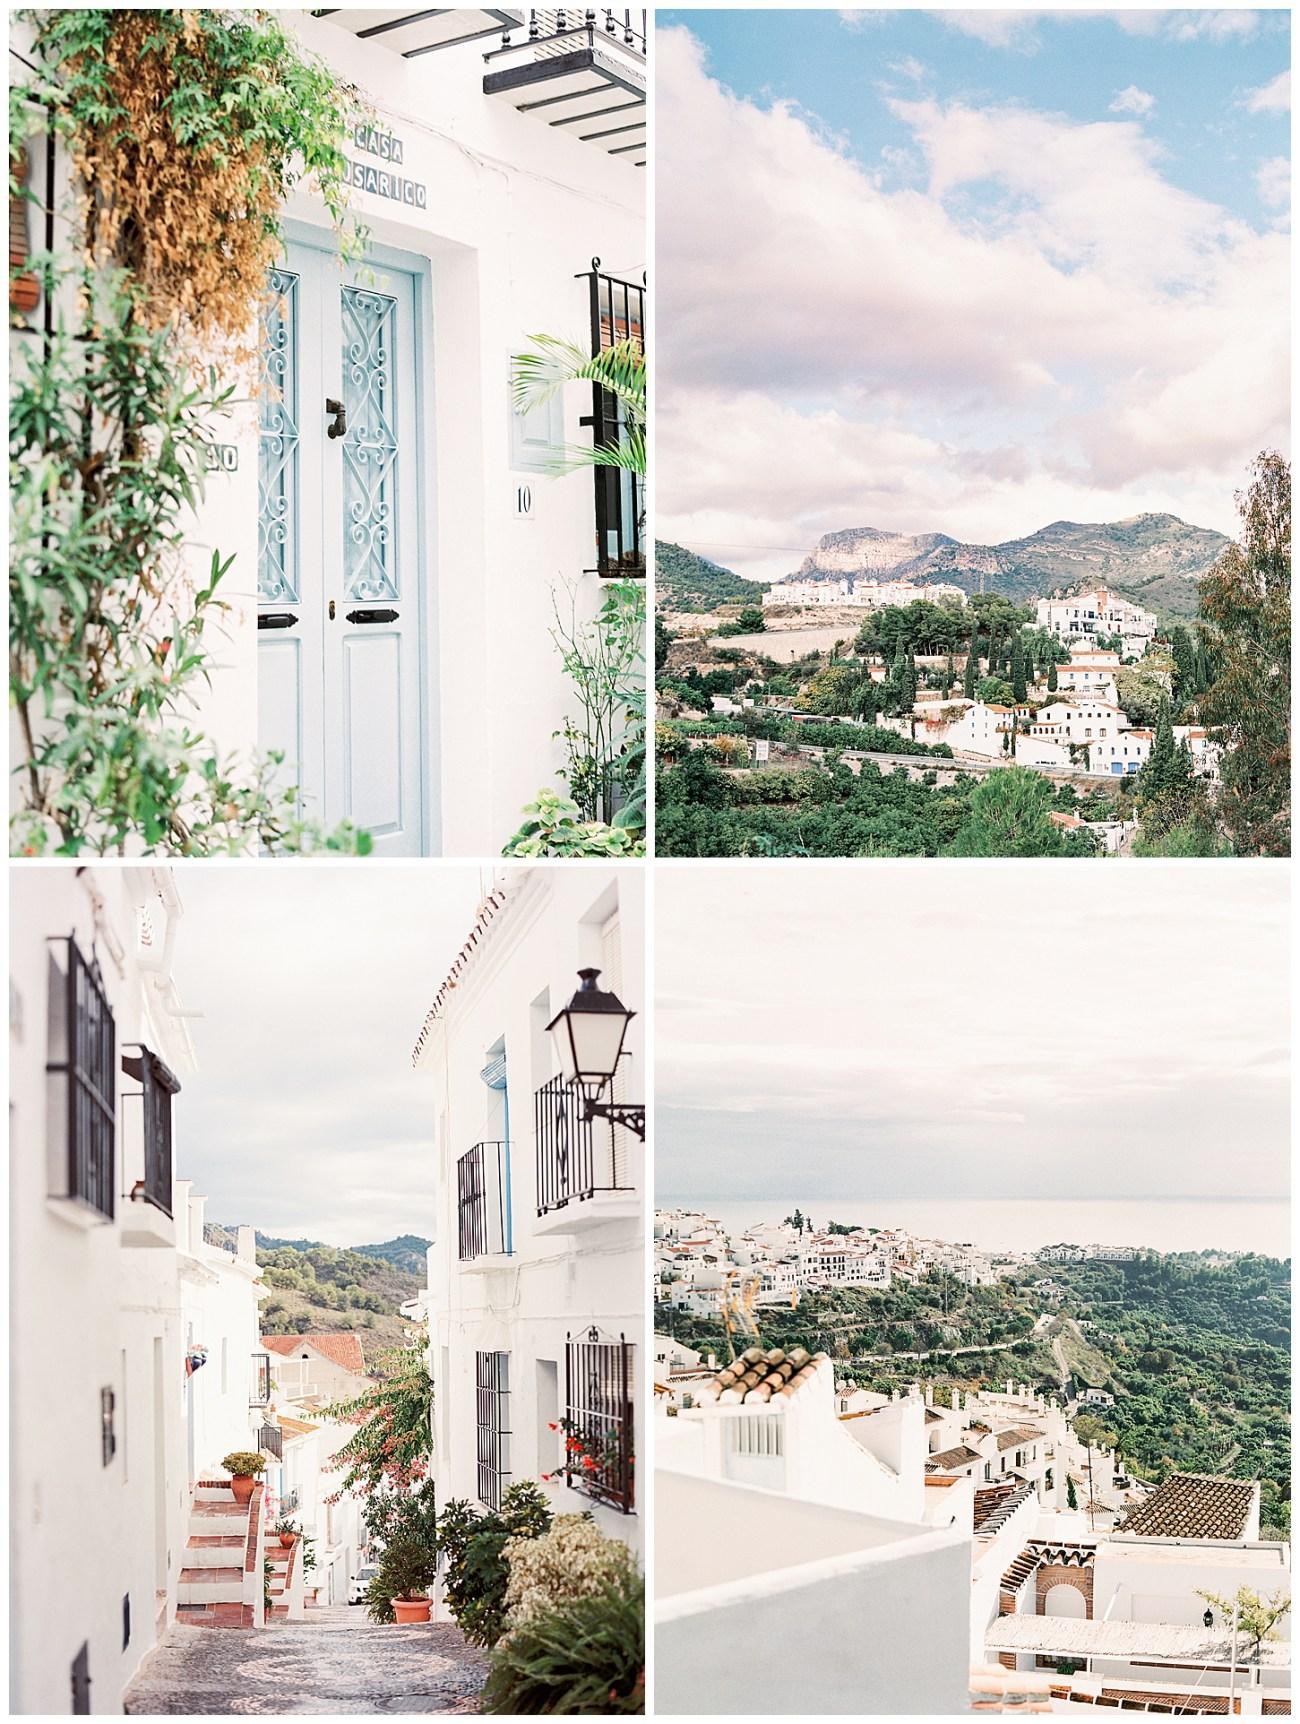 Frigiliana Spain Best Pueblos Blanco White Village